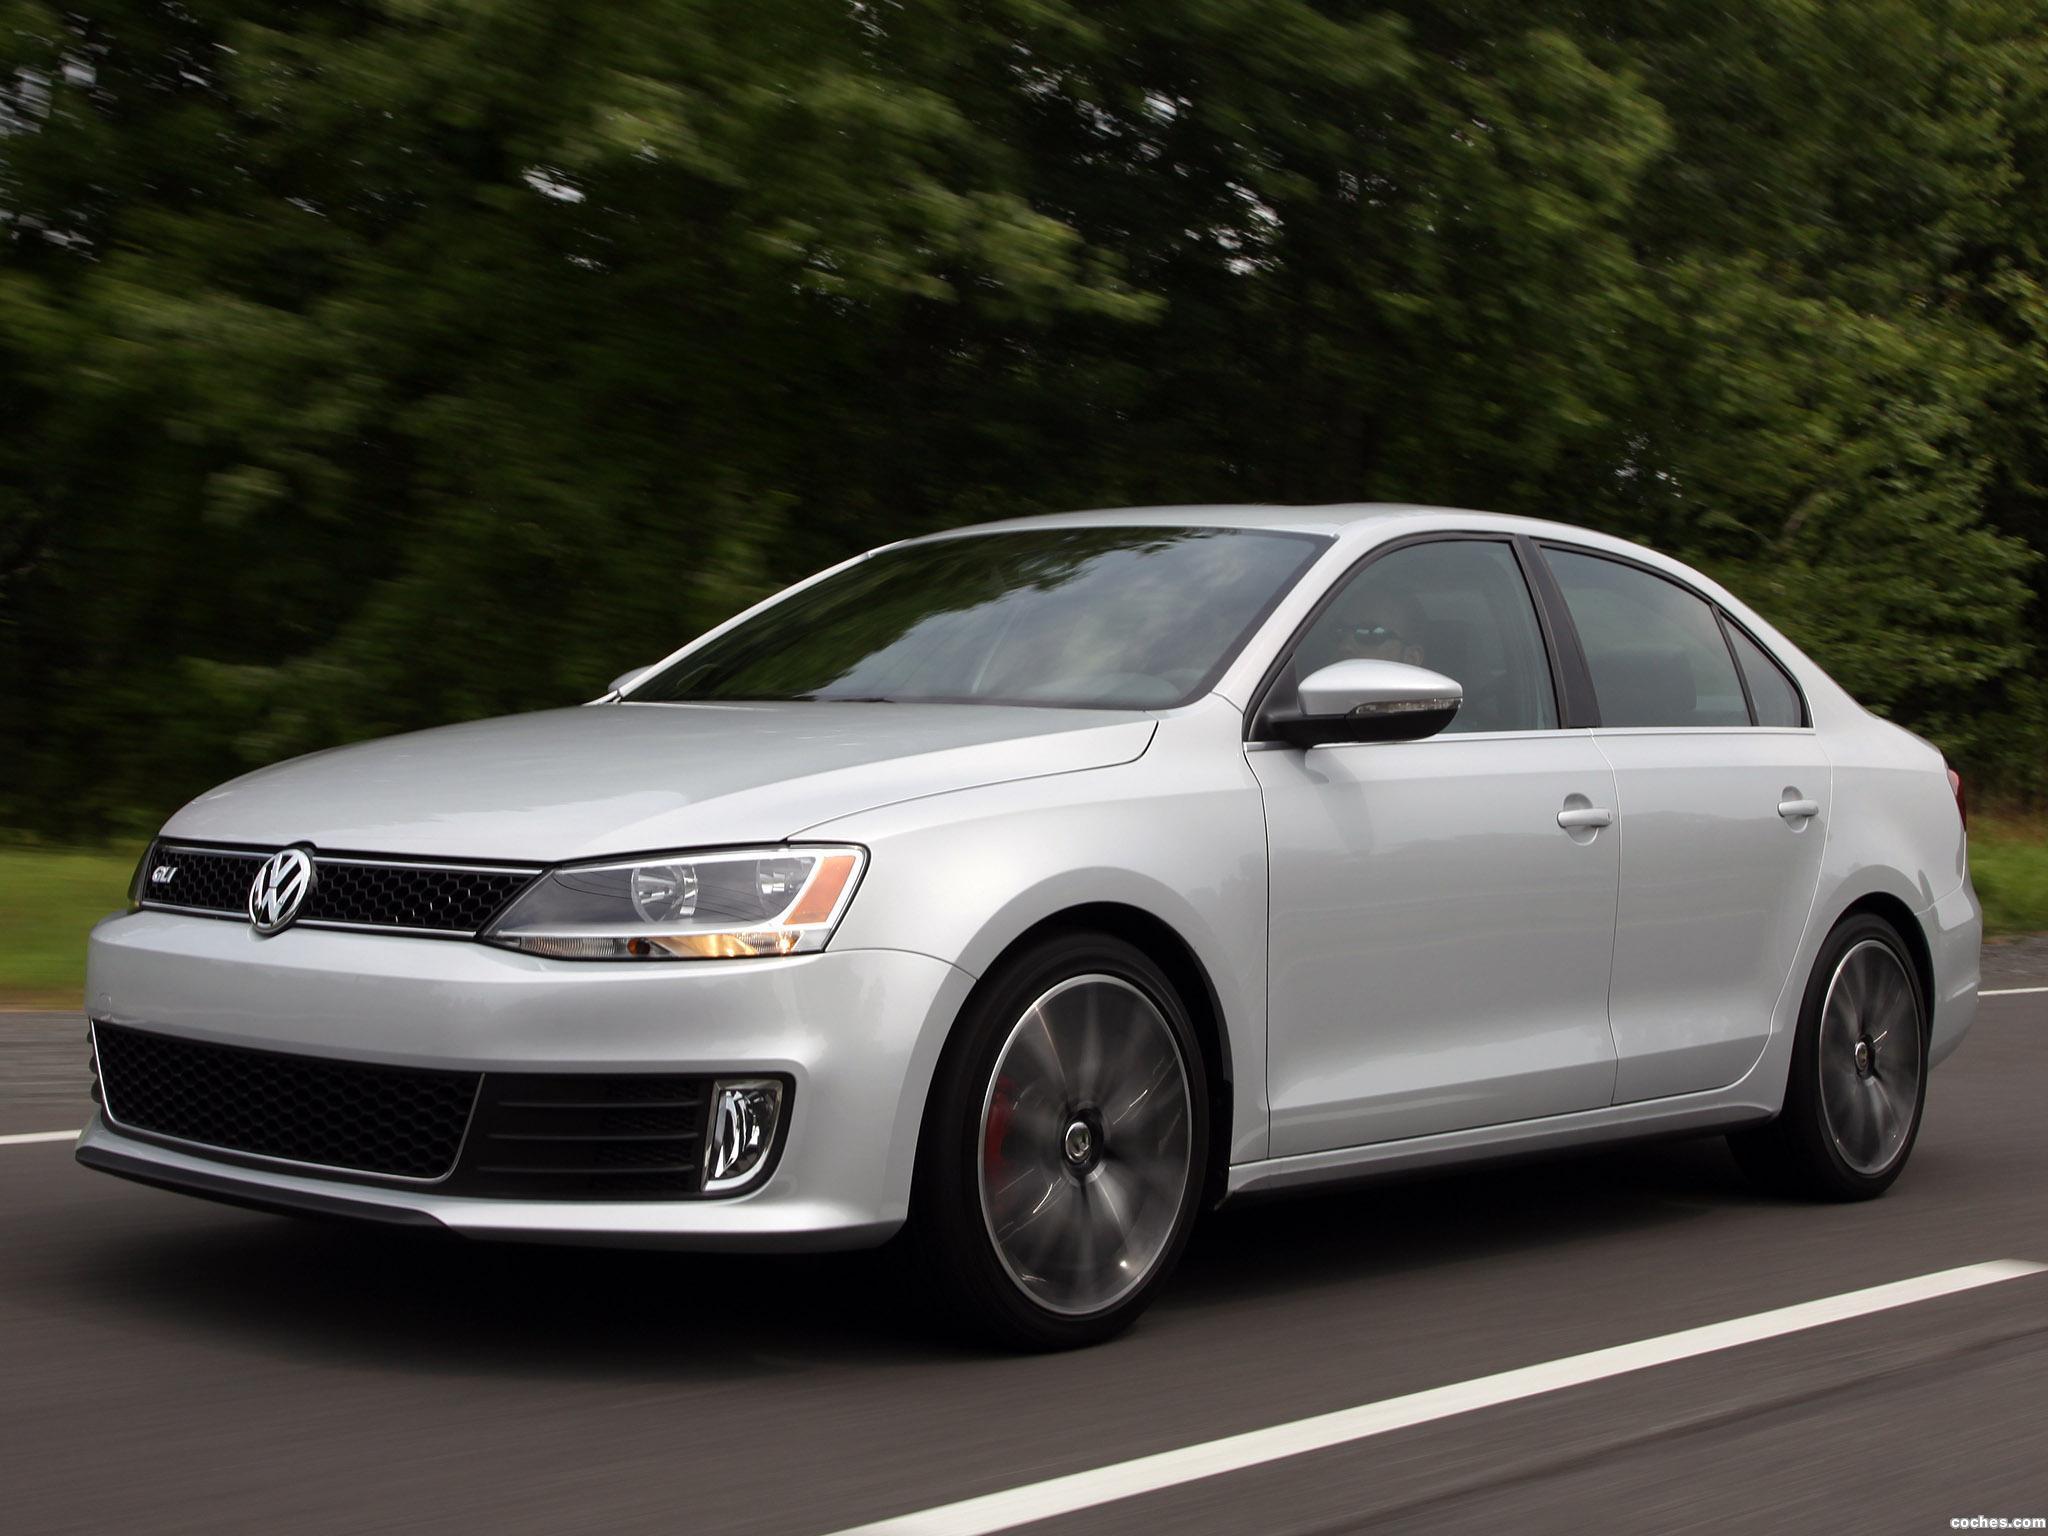 Foto 7 de Volkswagen Jetta GLI 2011